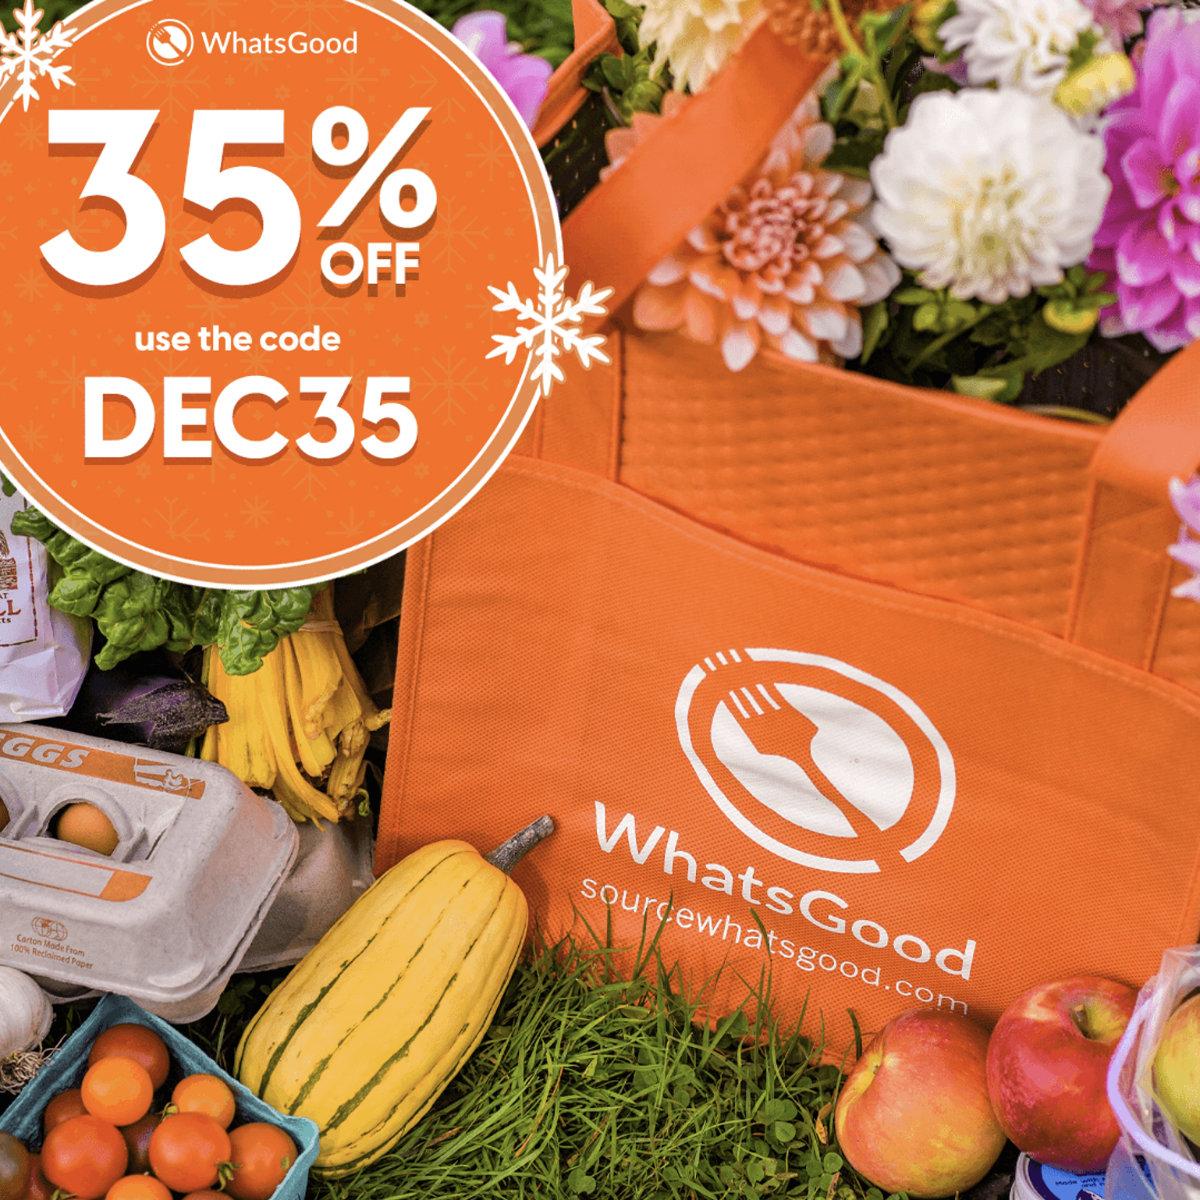 35% off WhatsGood | Code DEC35